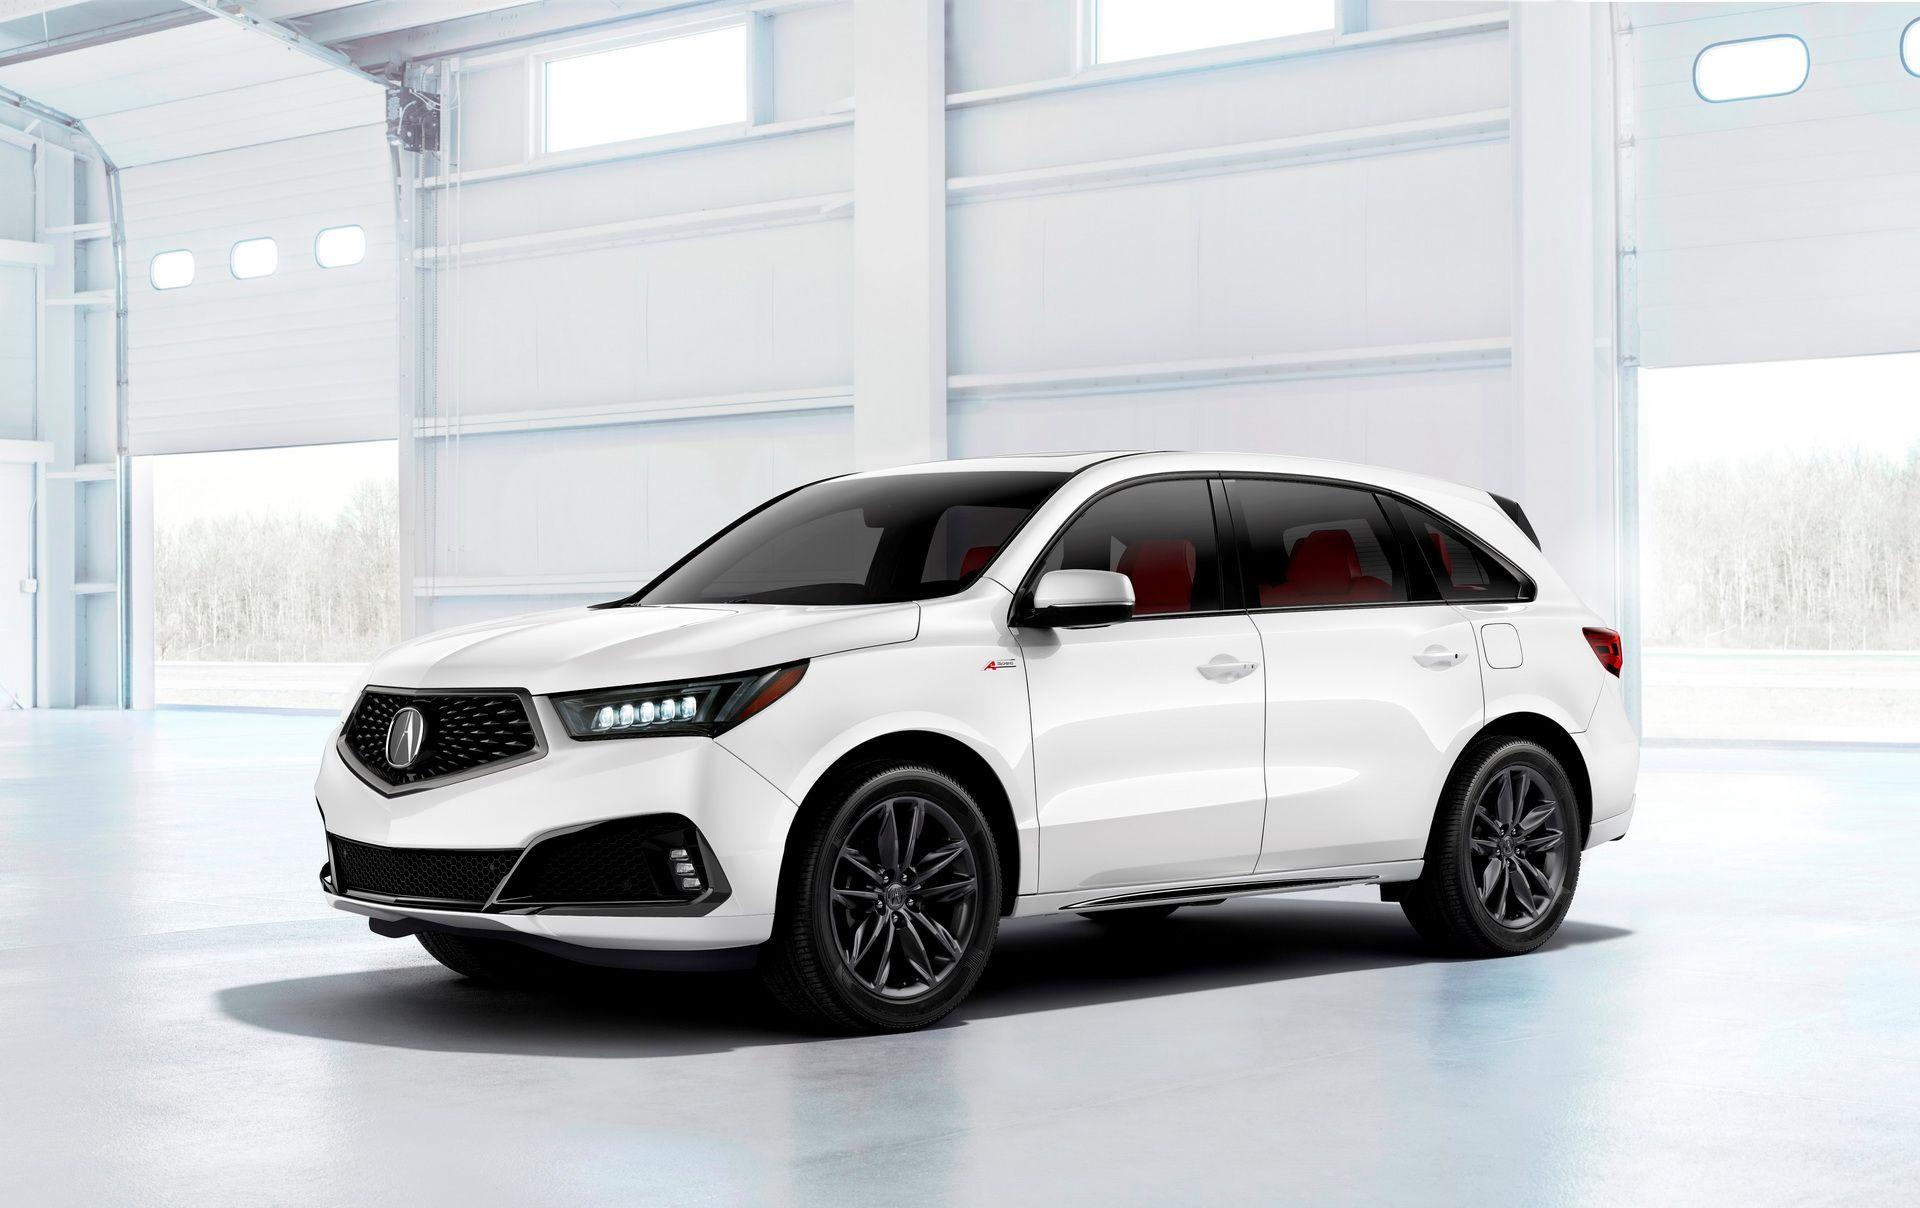 2019 Acura Rdx Polished And Coated With Cquartz Uk 3 0 Acura Rdx